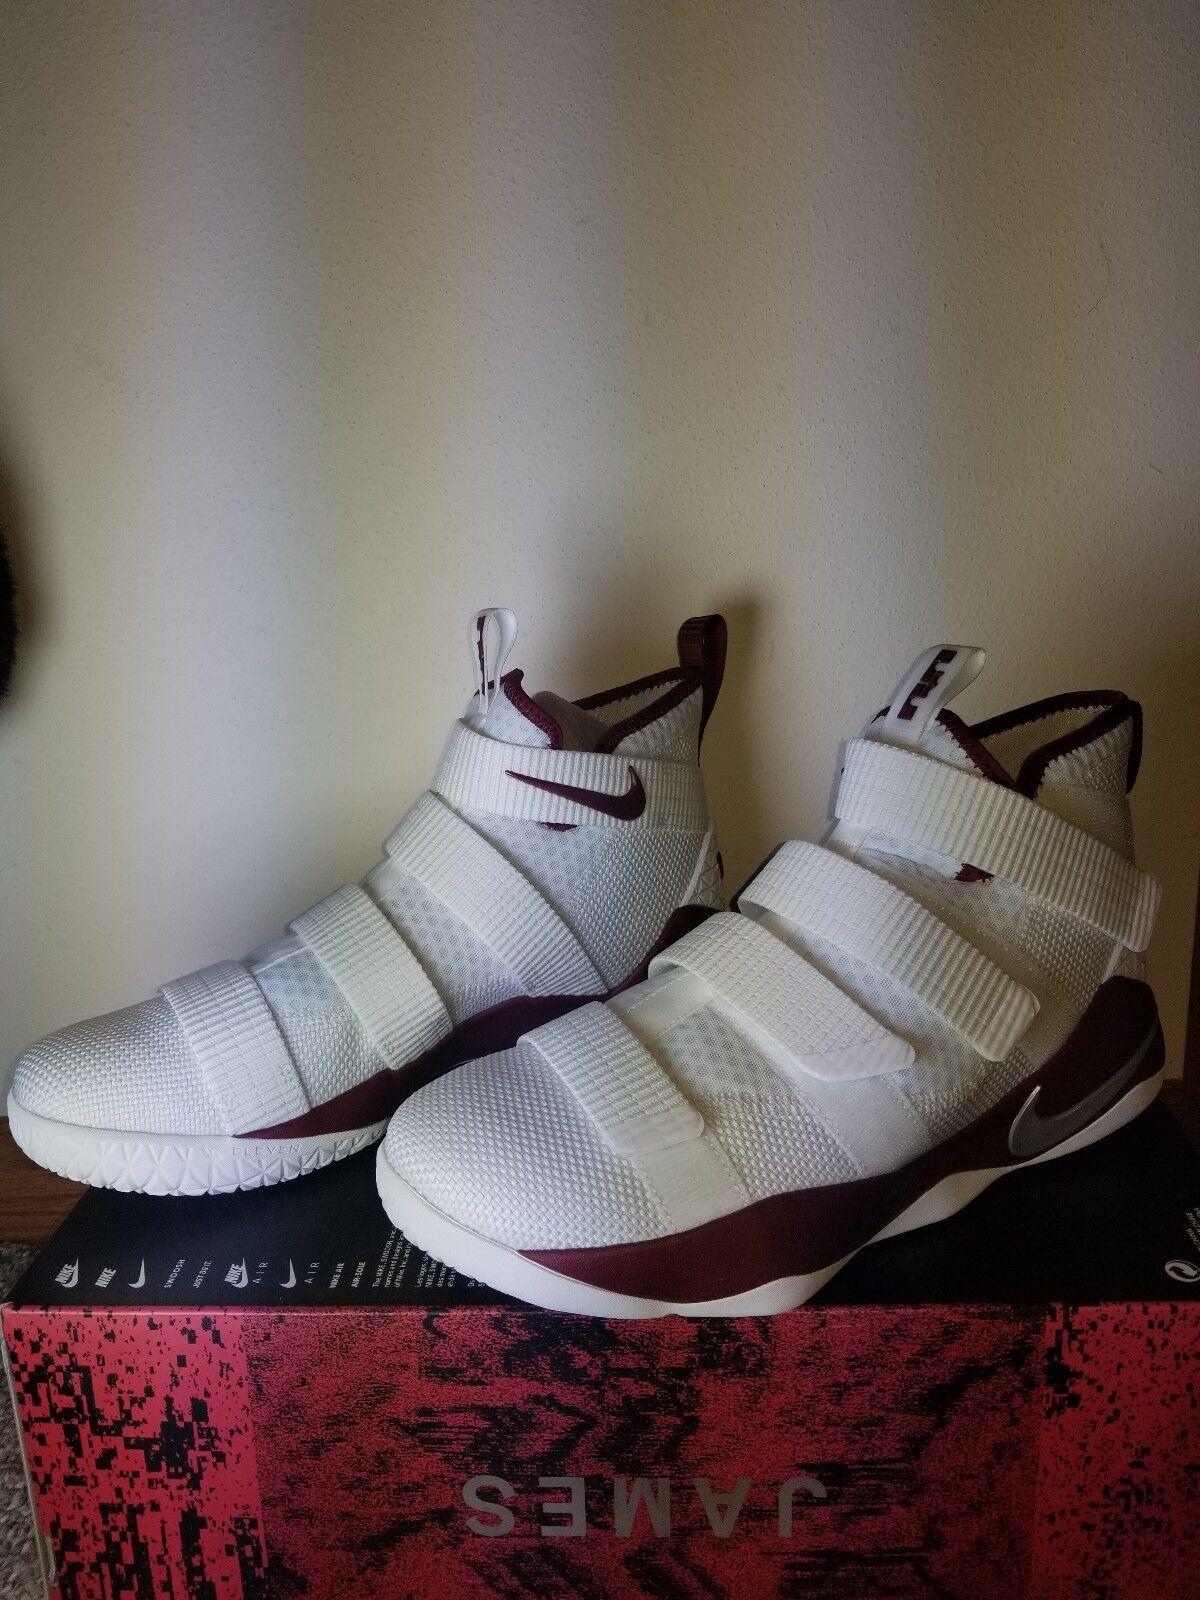 Nike LeBron Soldier XI TB Promo White/Red (943155-114) Men's Size 10.5